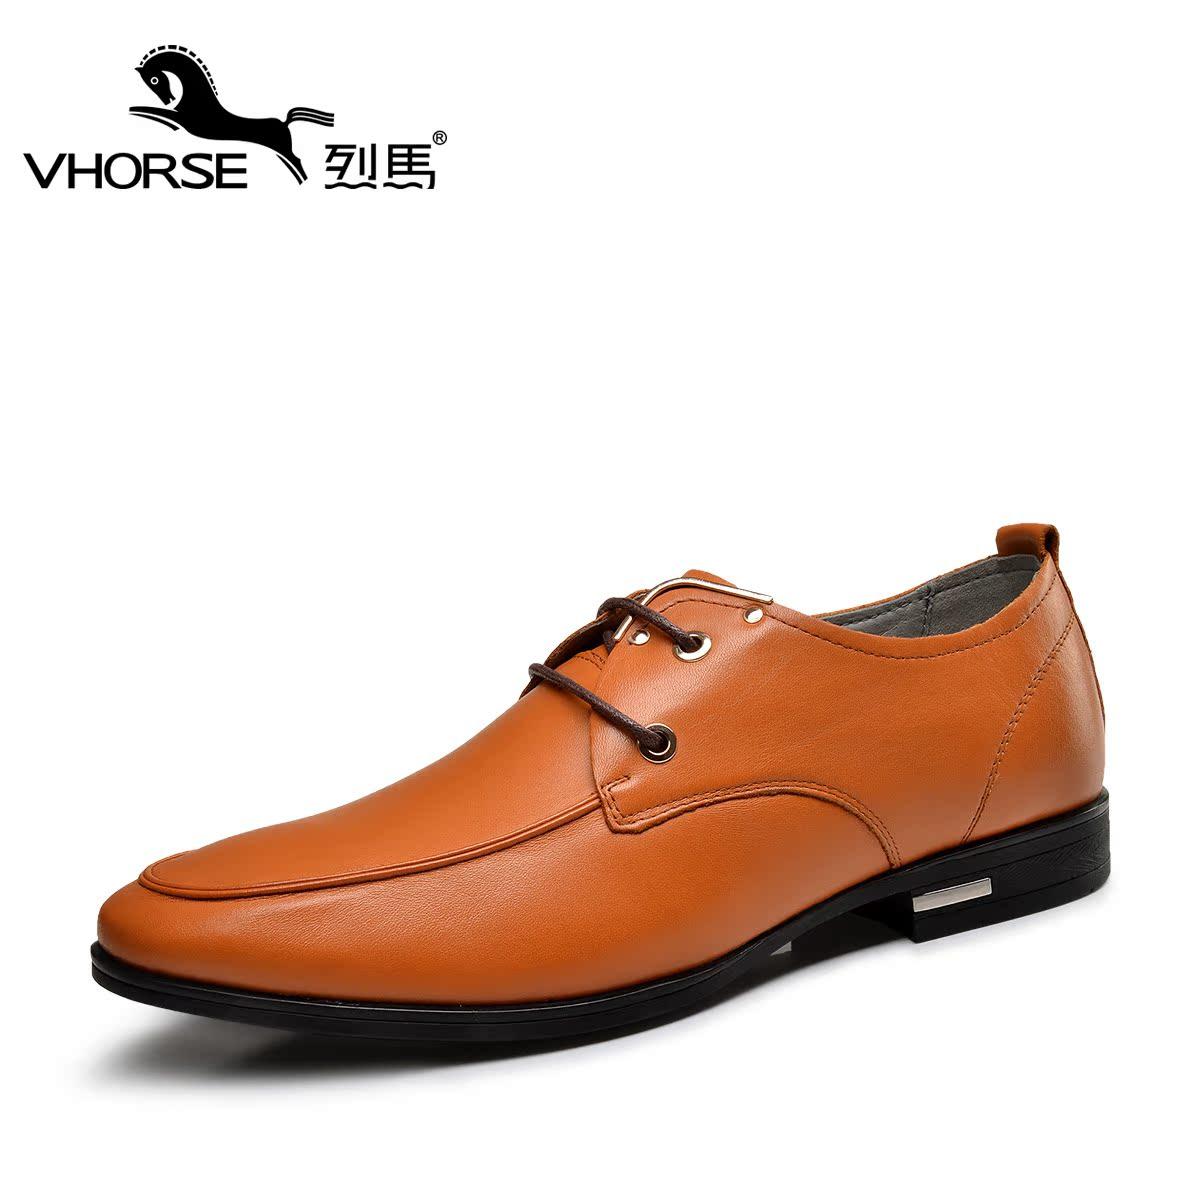 烈马春款男鞋男士英伦风休闲鞋白色商务透气尖头皮鞋真皮鞋子单鞋1元优惠券